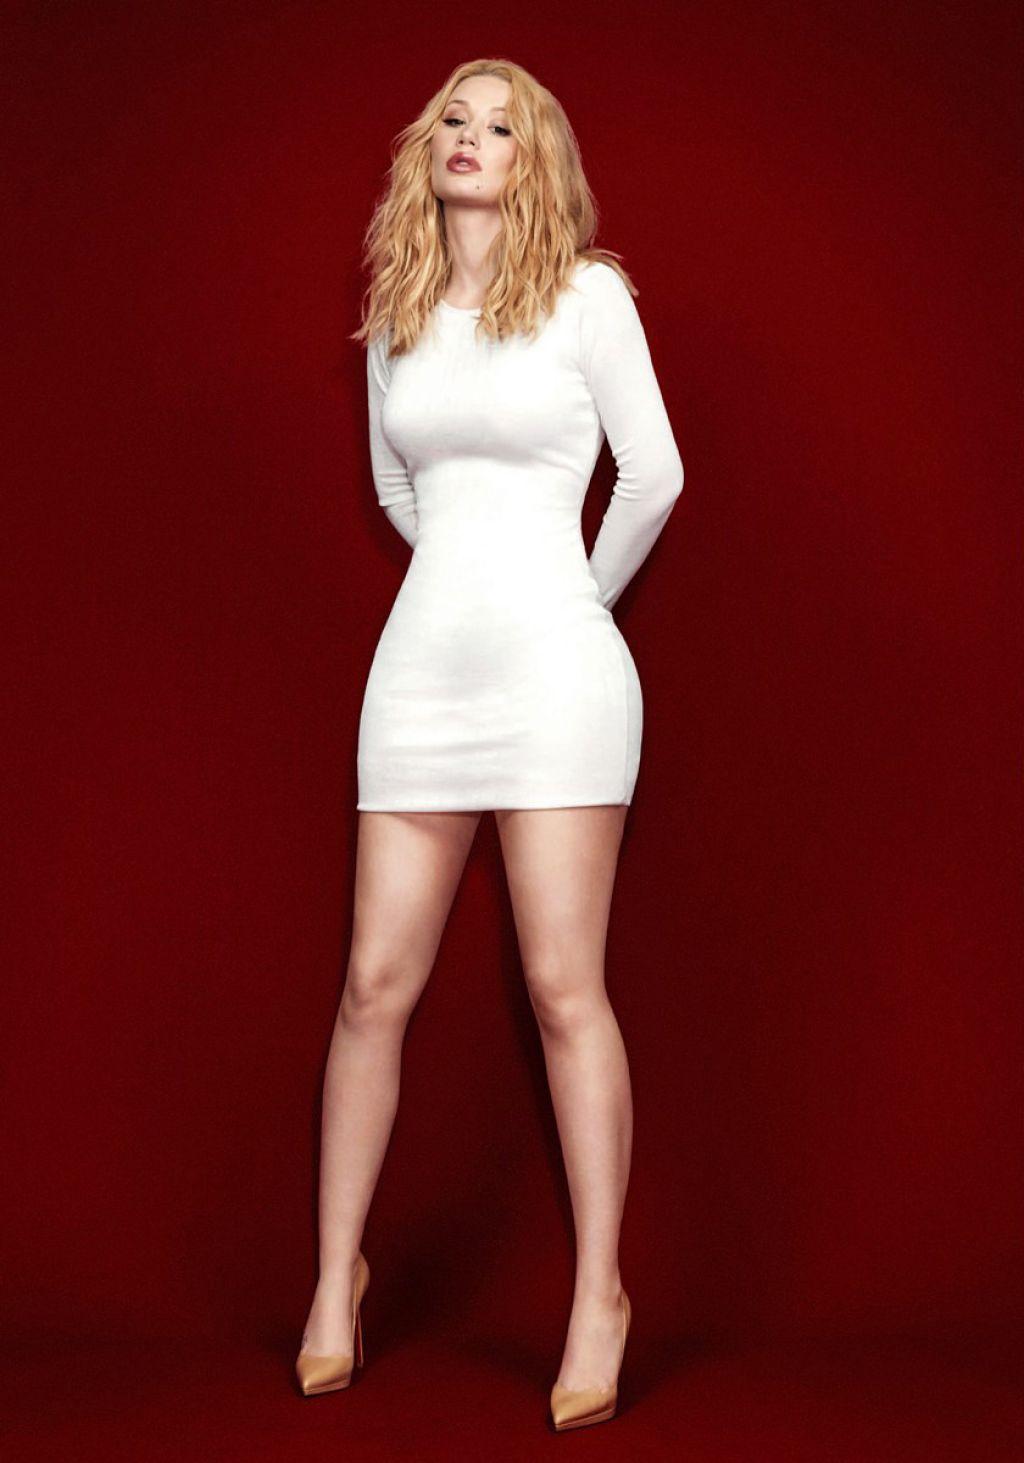 Iggy Azalea Photoshoot For Remix Magazine Spring 2016